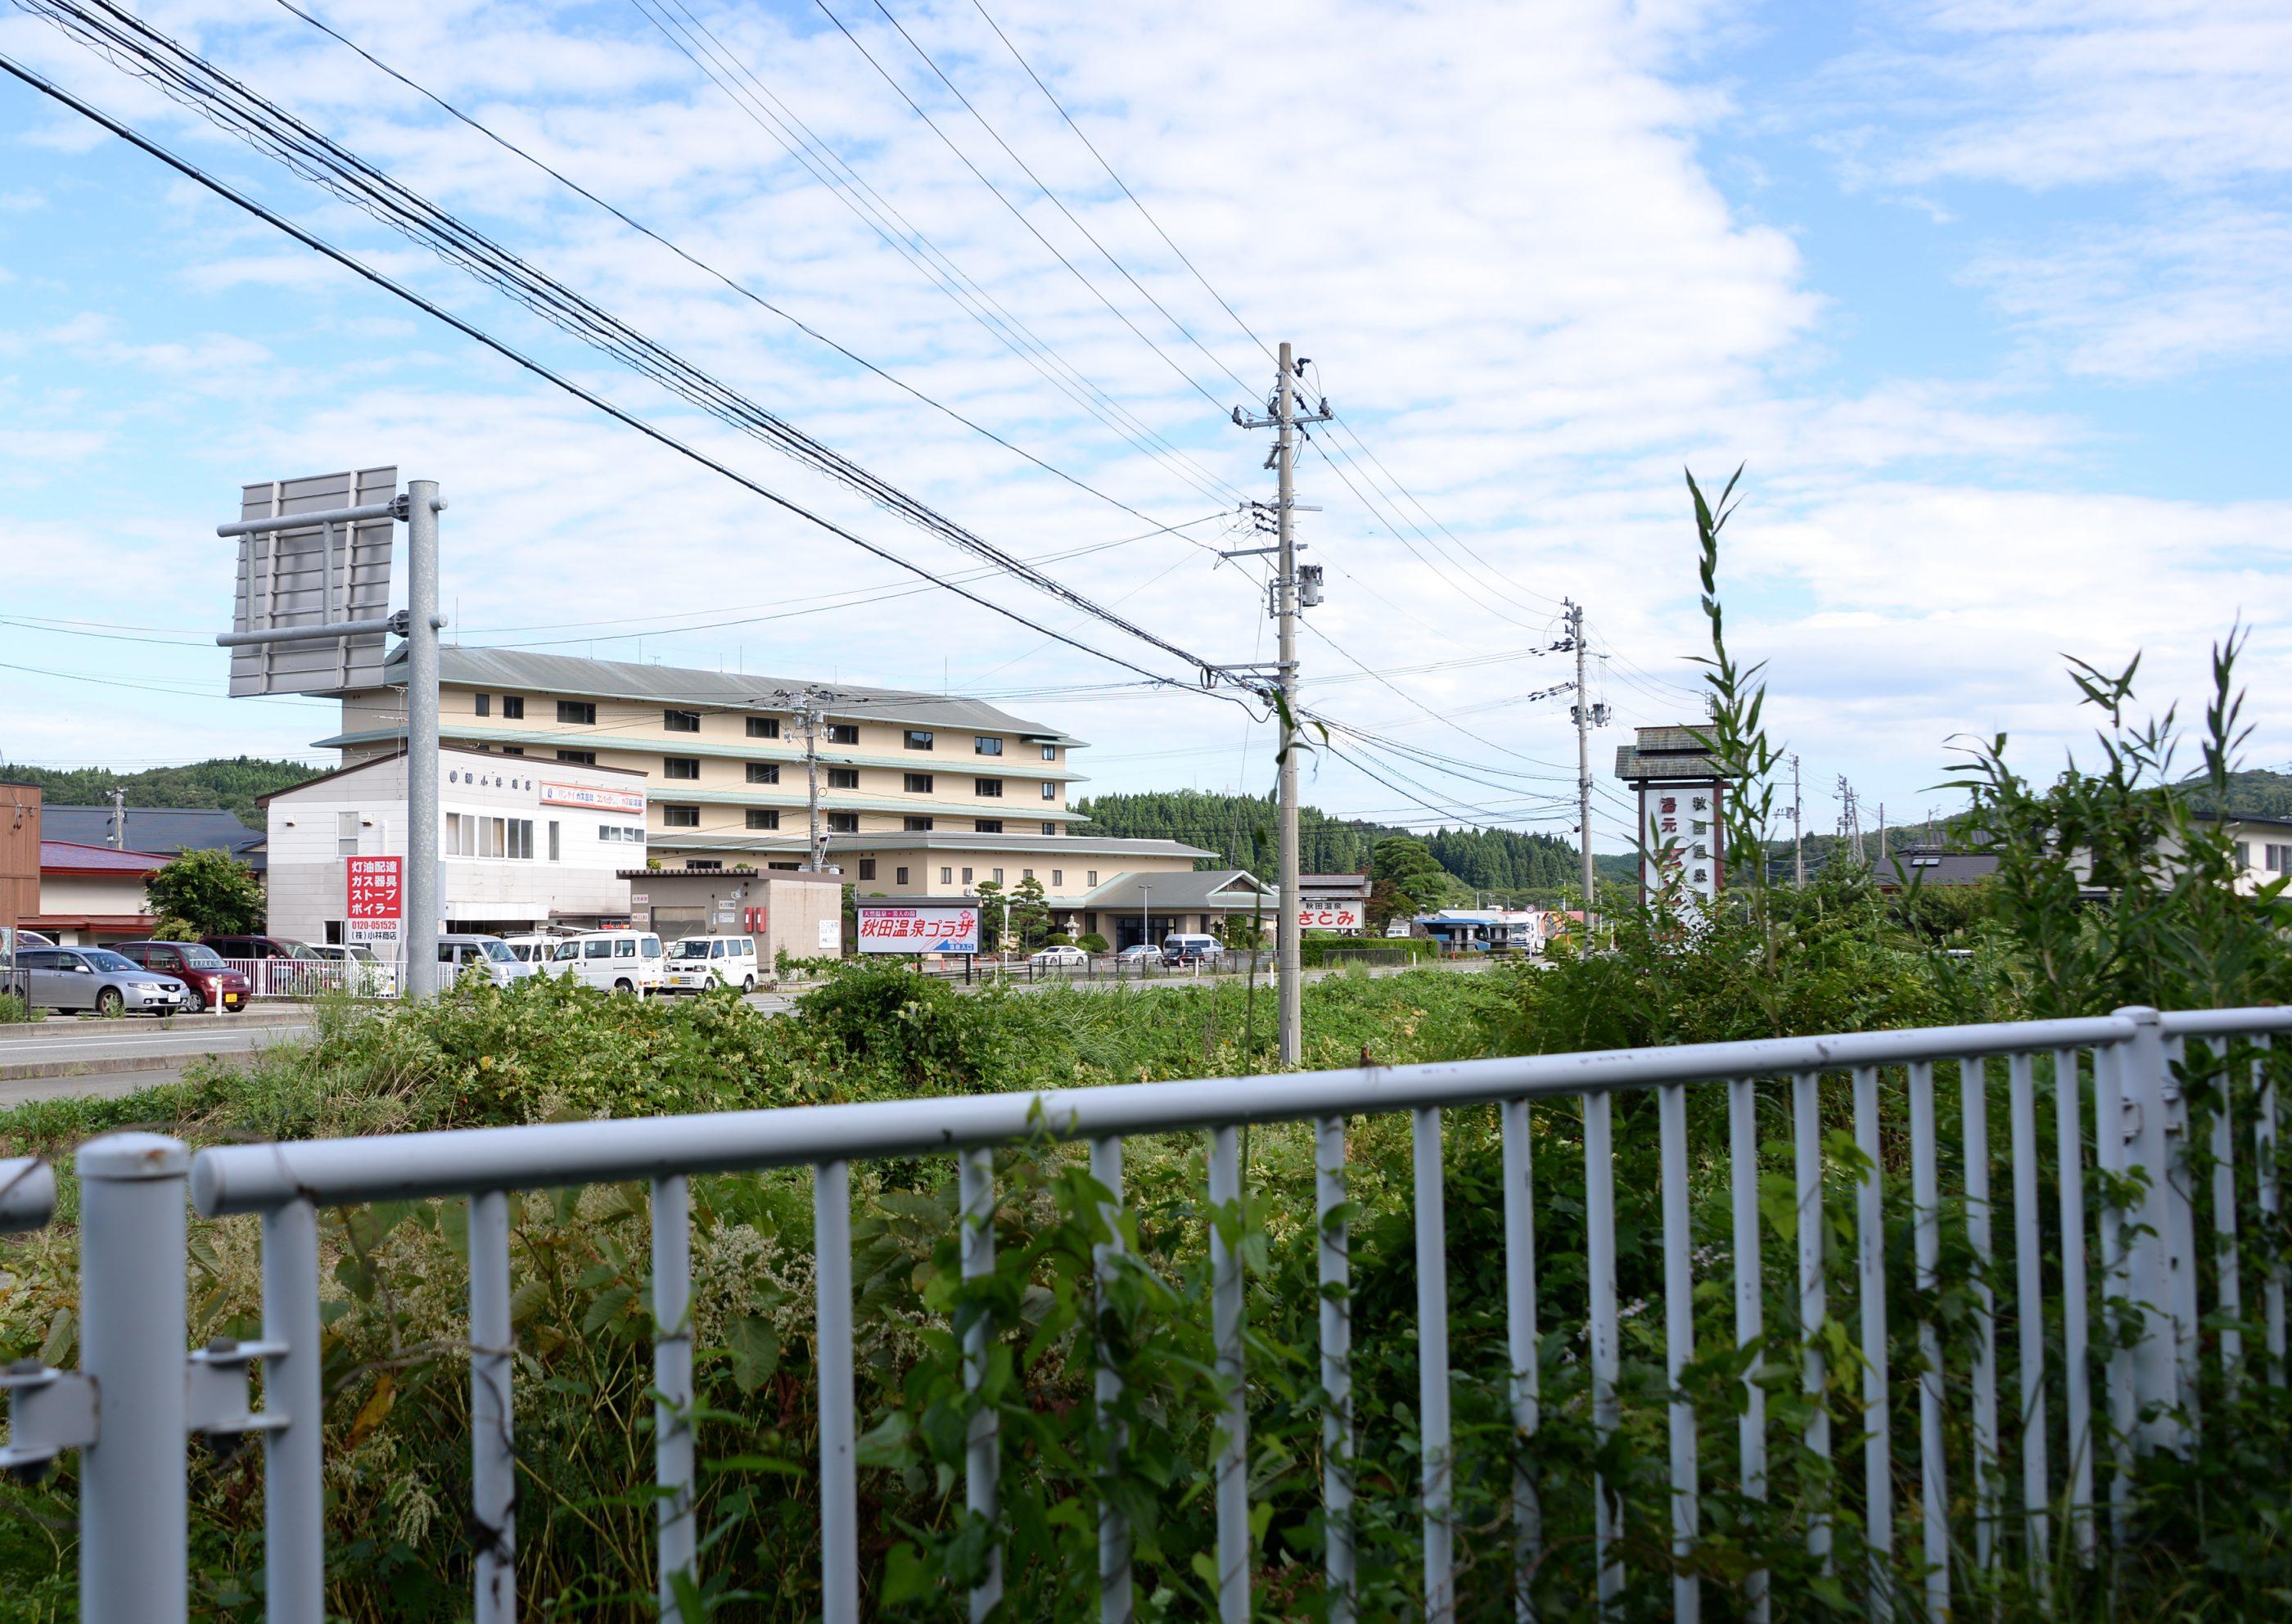 ⇑ 自転車道から見る秋田温泉方向。実質的に私私の自転車道はここから始まる。